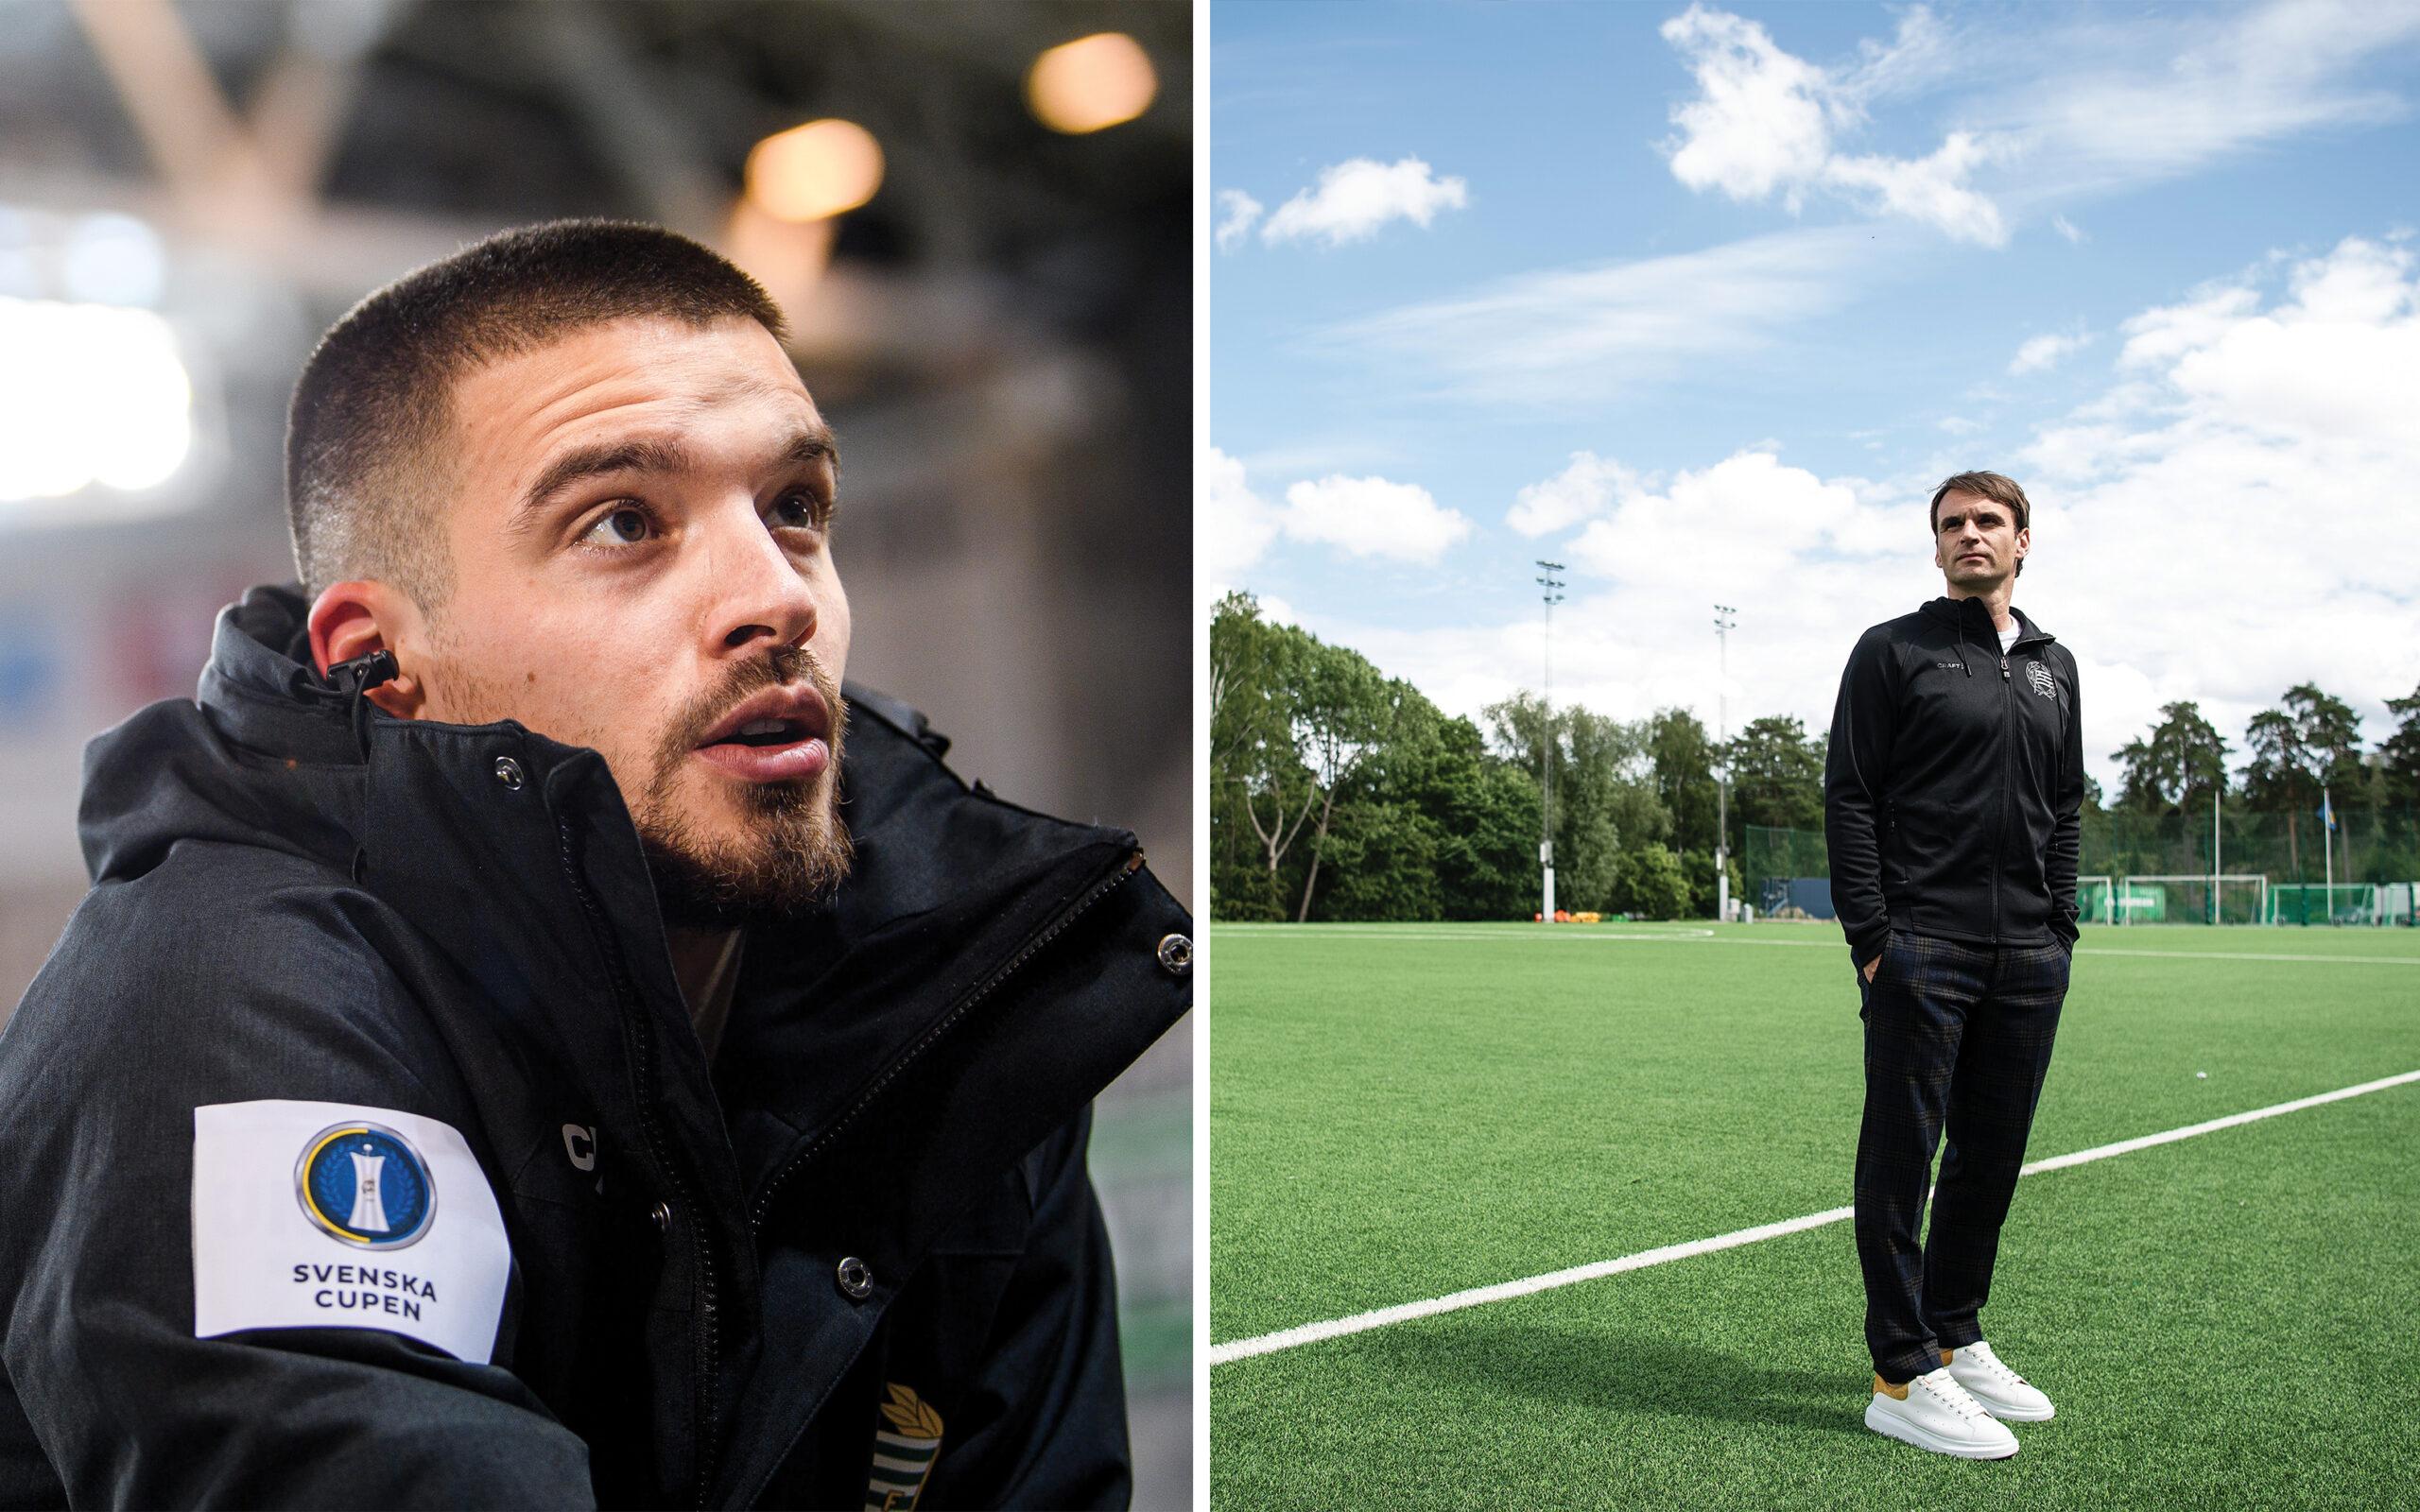 """Rodić om Bajens nye tränare: """"Högröstad, intensiv och ställer krav"""""""